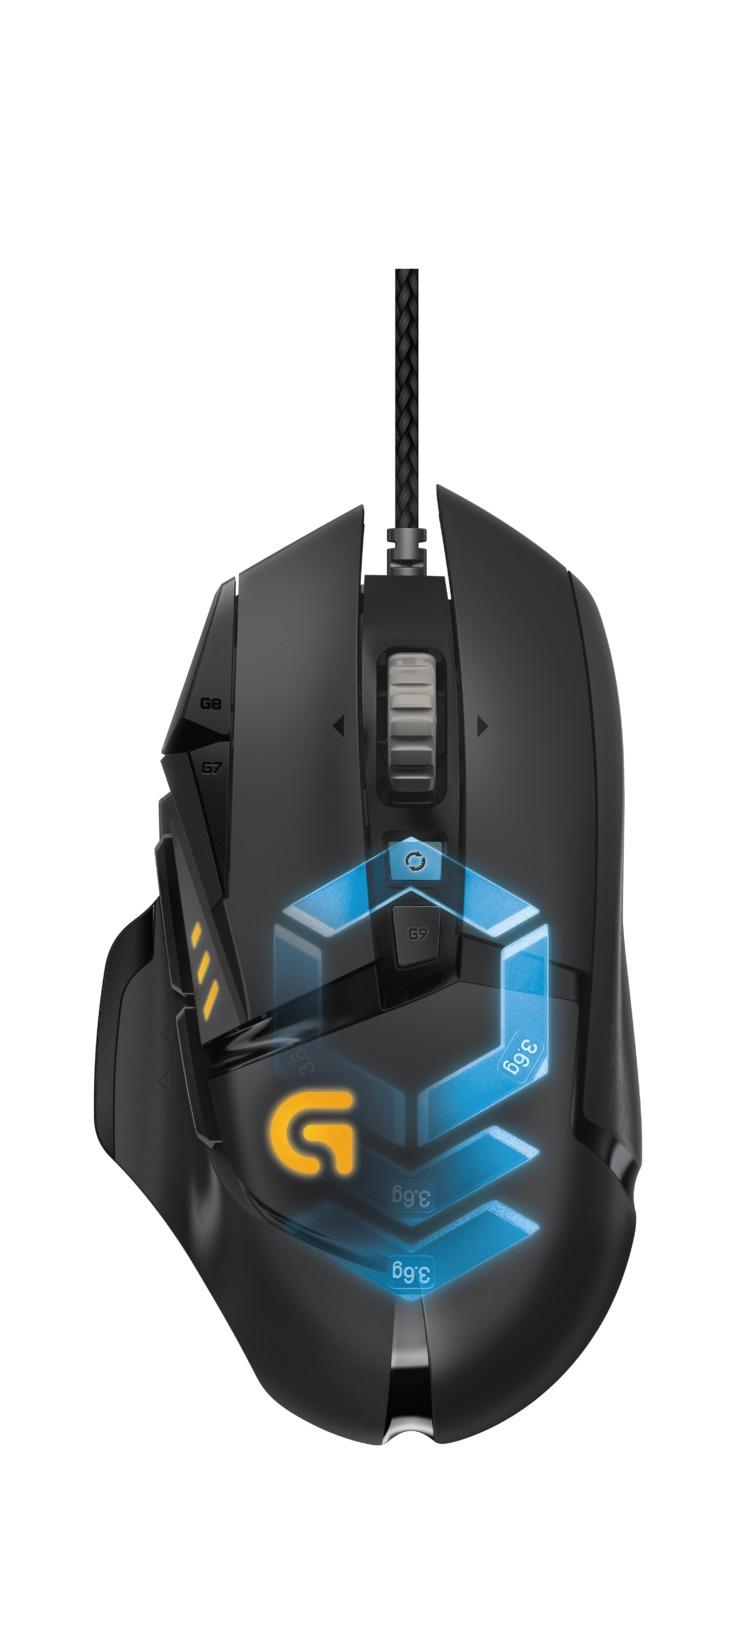 55f74a968d1 Logitech Announces New G502 Proteus Spectrum Gaming Mouse | Logitech ...